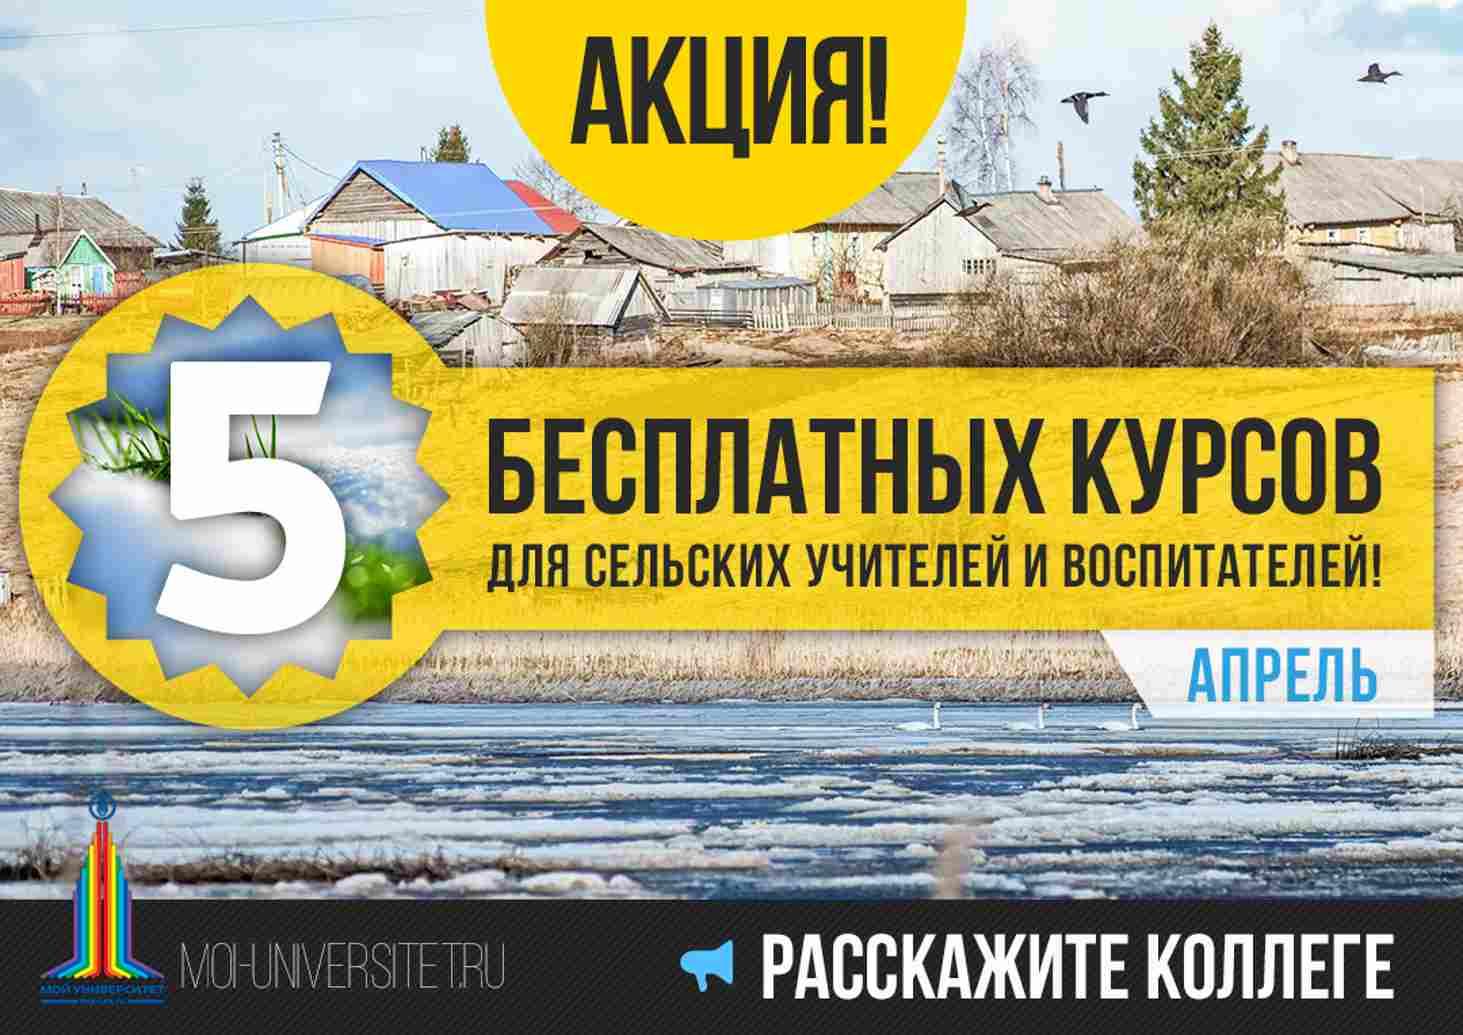 podvedeny-itogi-aktsii-dlya-selskih-uchitelej-za-aprel